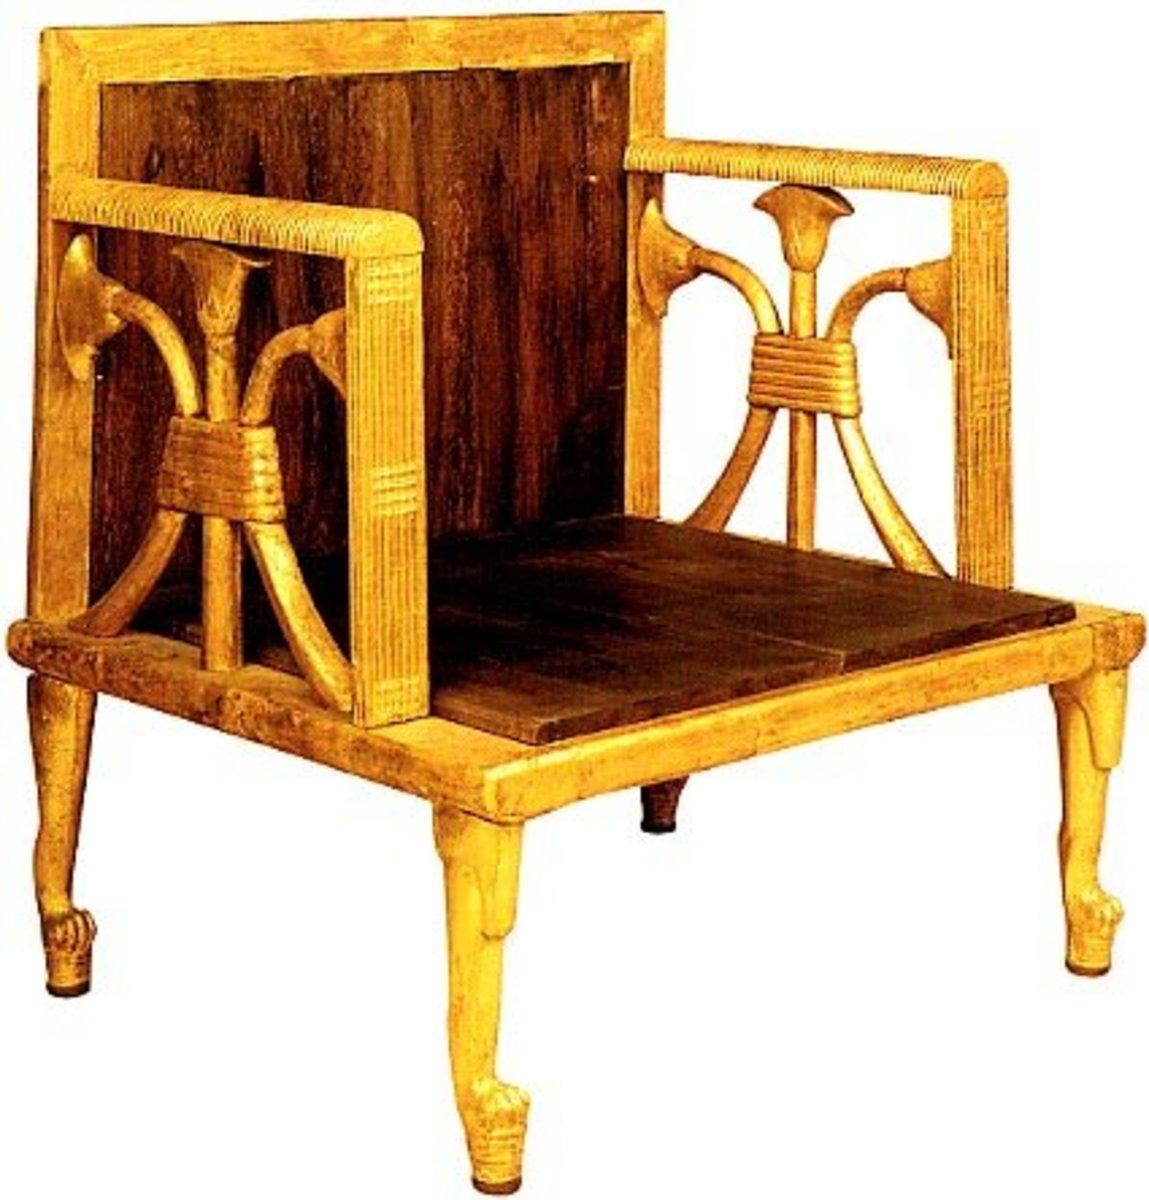 Gilded Queen's wooden armchair